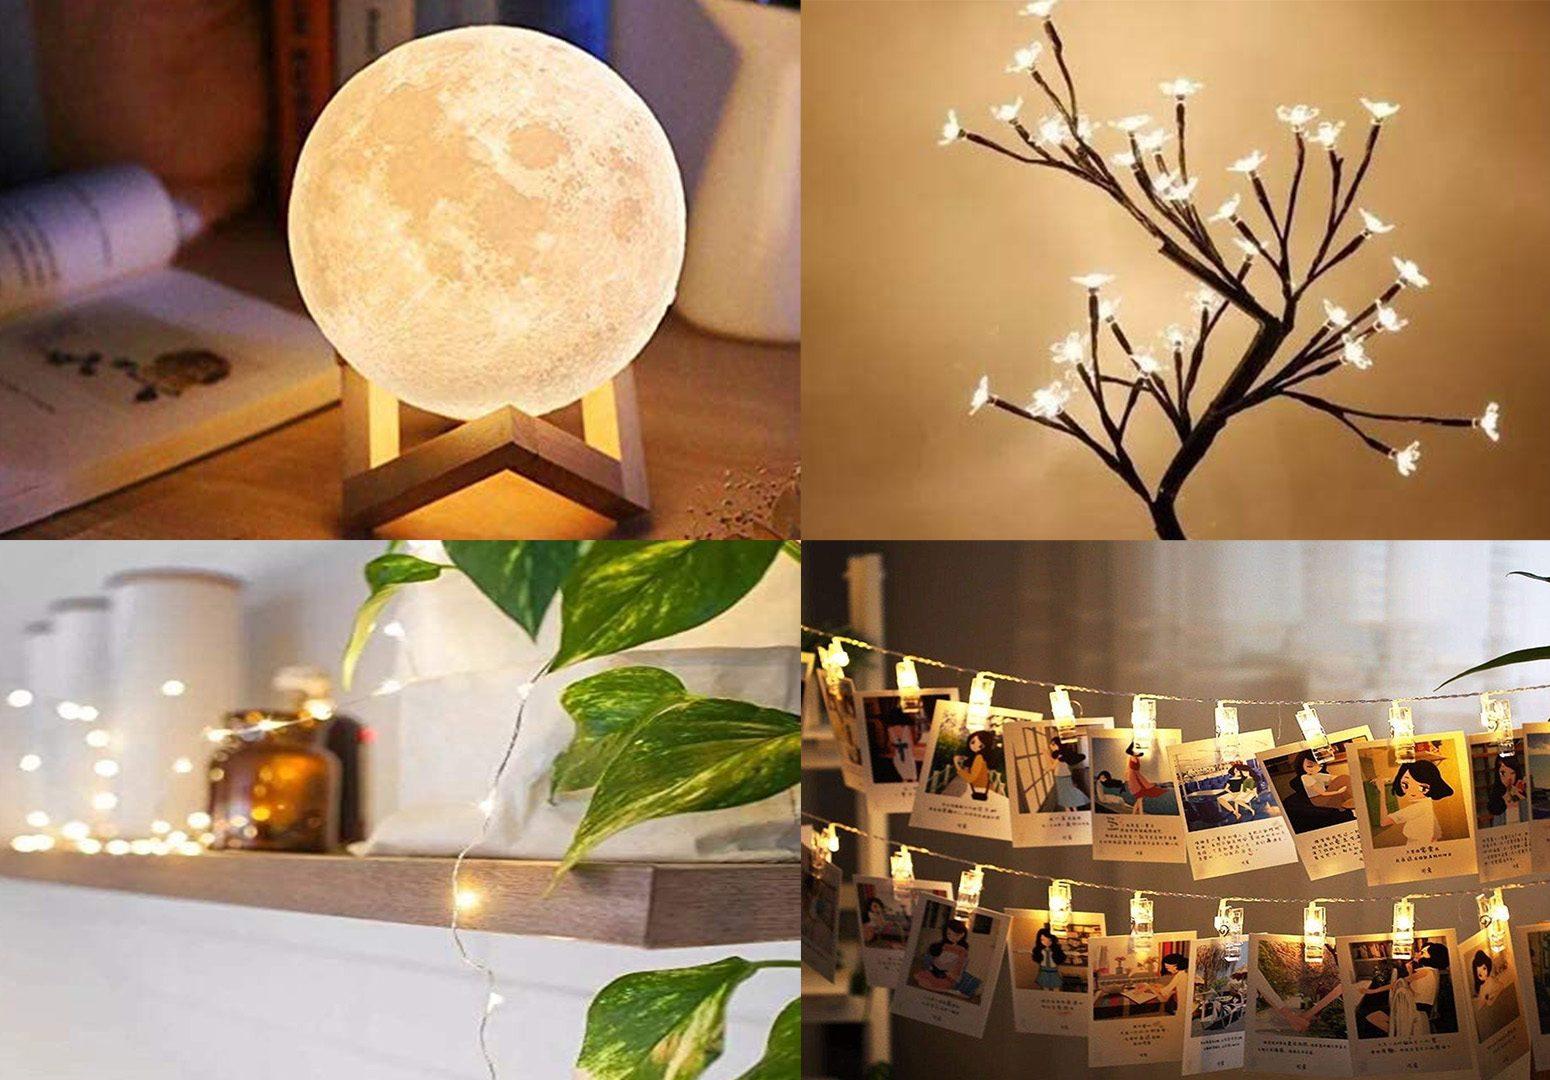 A imagem mostras quatro tipos de luminárias, uma em formato de lua, outra em formato de árvore de cerejeira, outra de luzes de led e outra feita de um varal de fotos com pregadores iluminados.